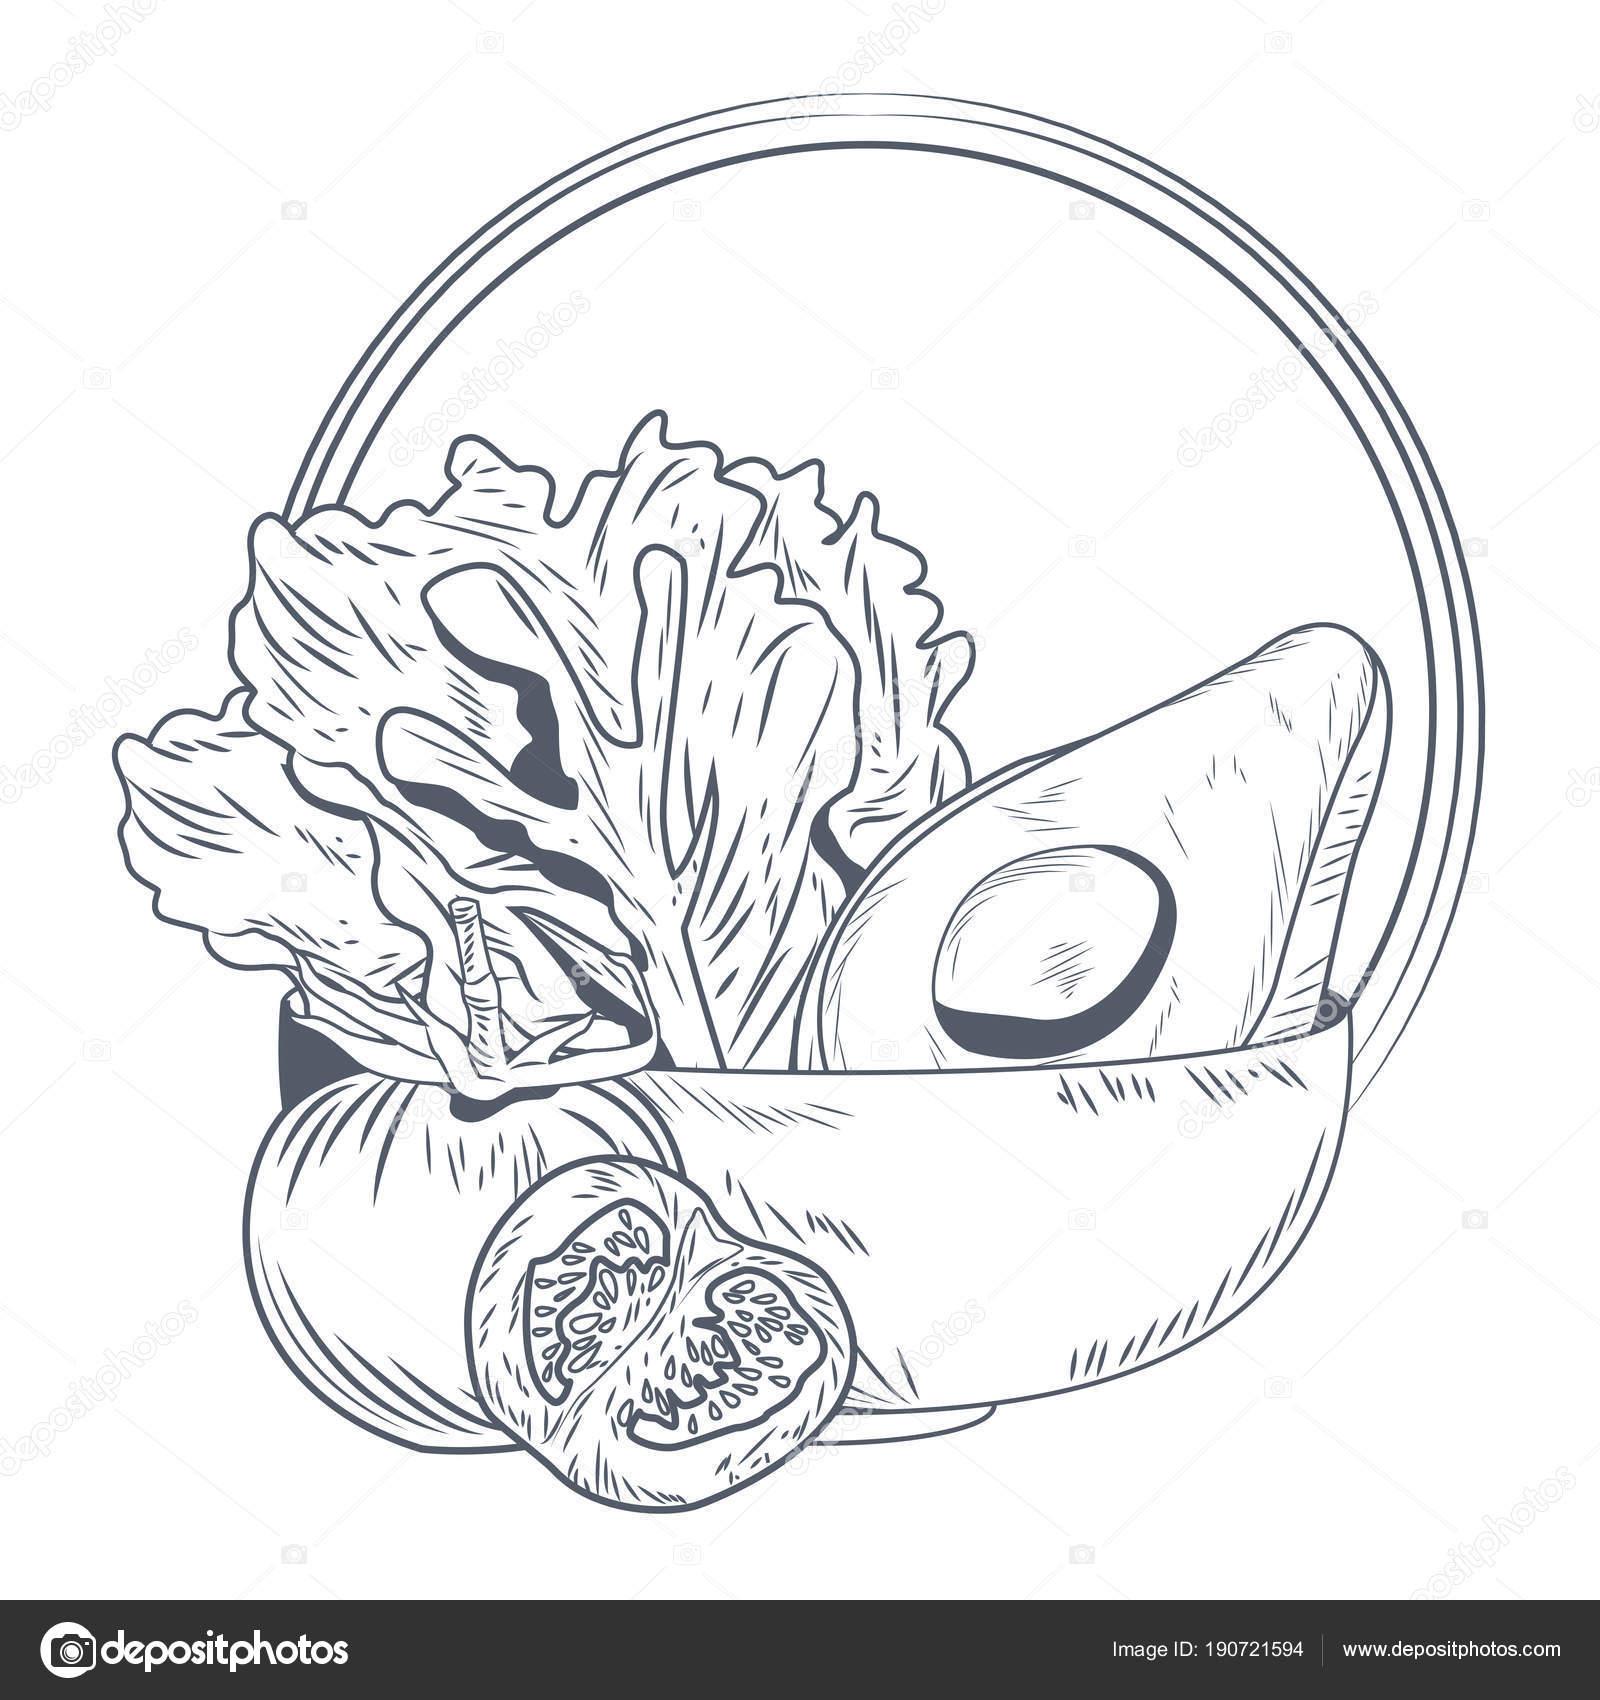 Imágenes Comidas Sanas Para Colorear Alimentos Sanos Y Frescos